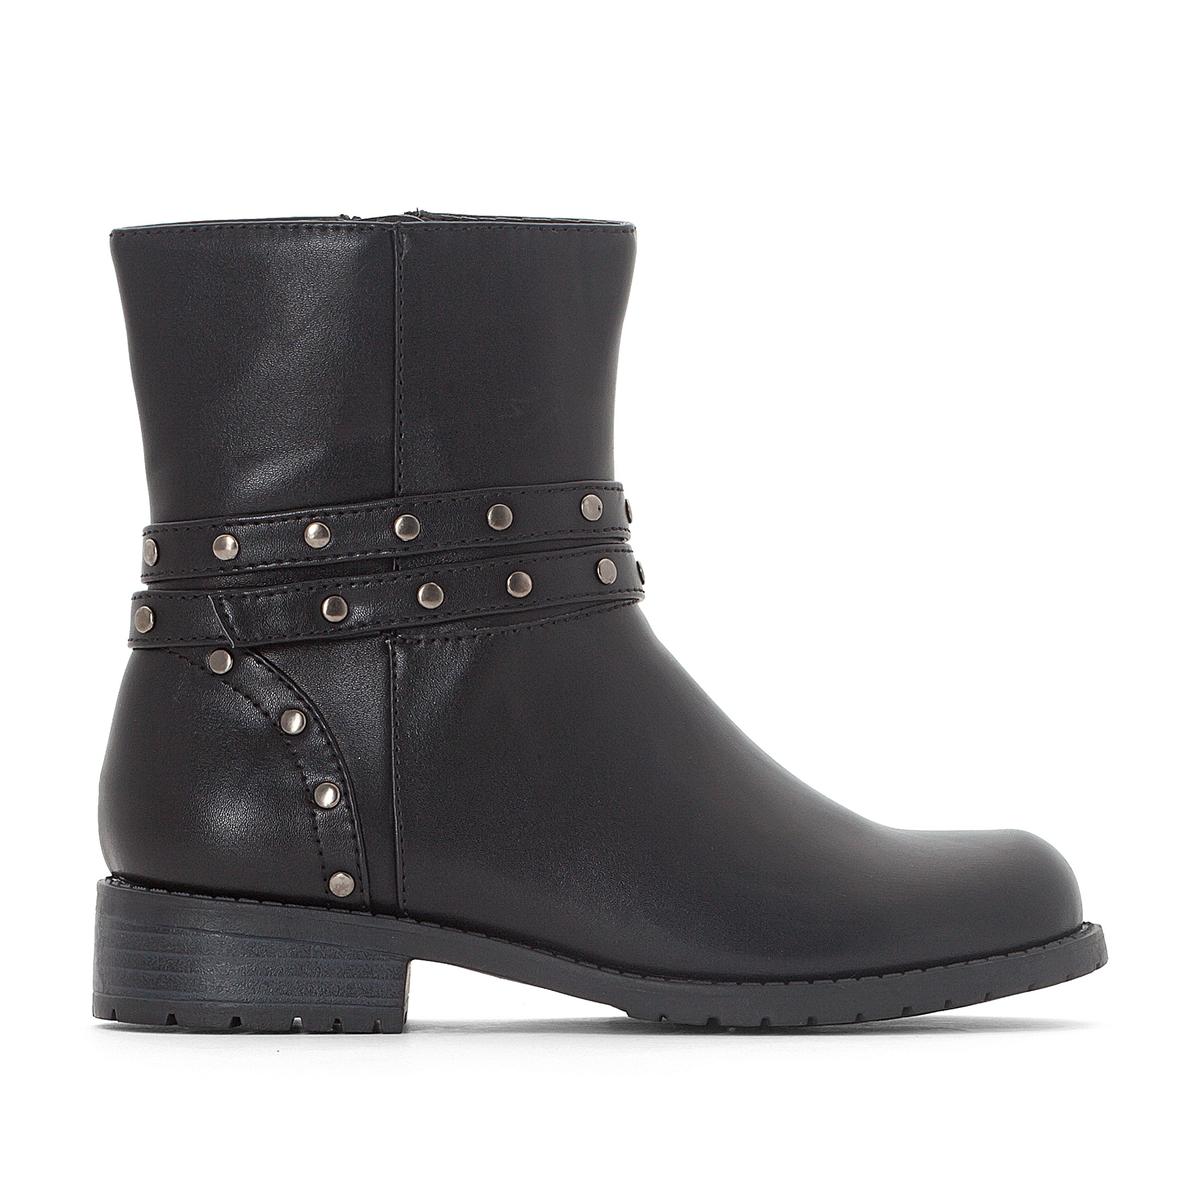 Ботинки в байкерском стиле 30-39